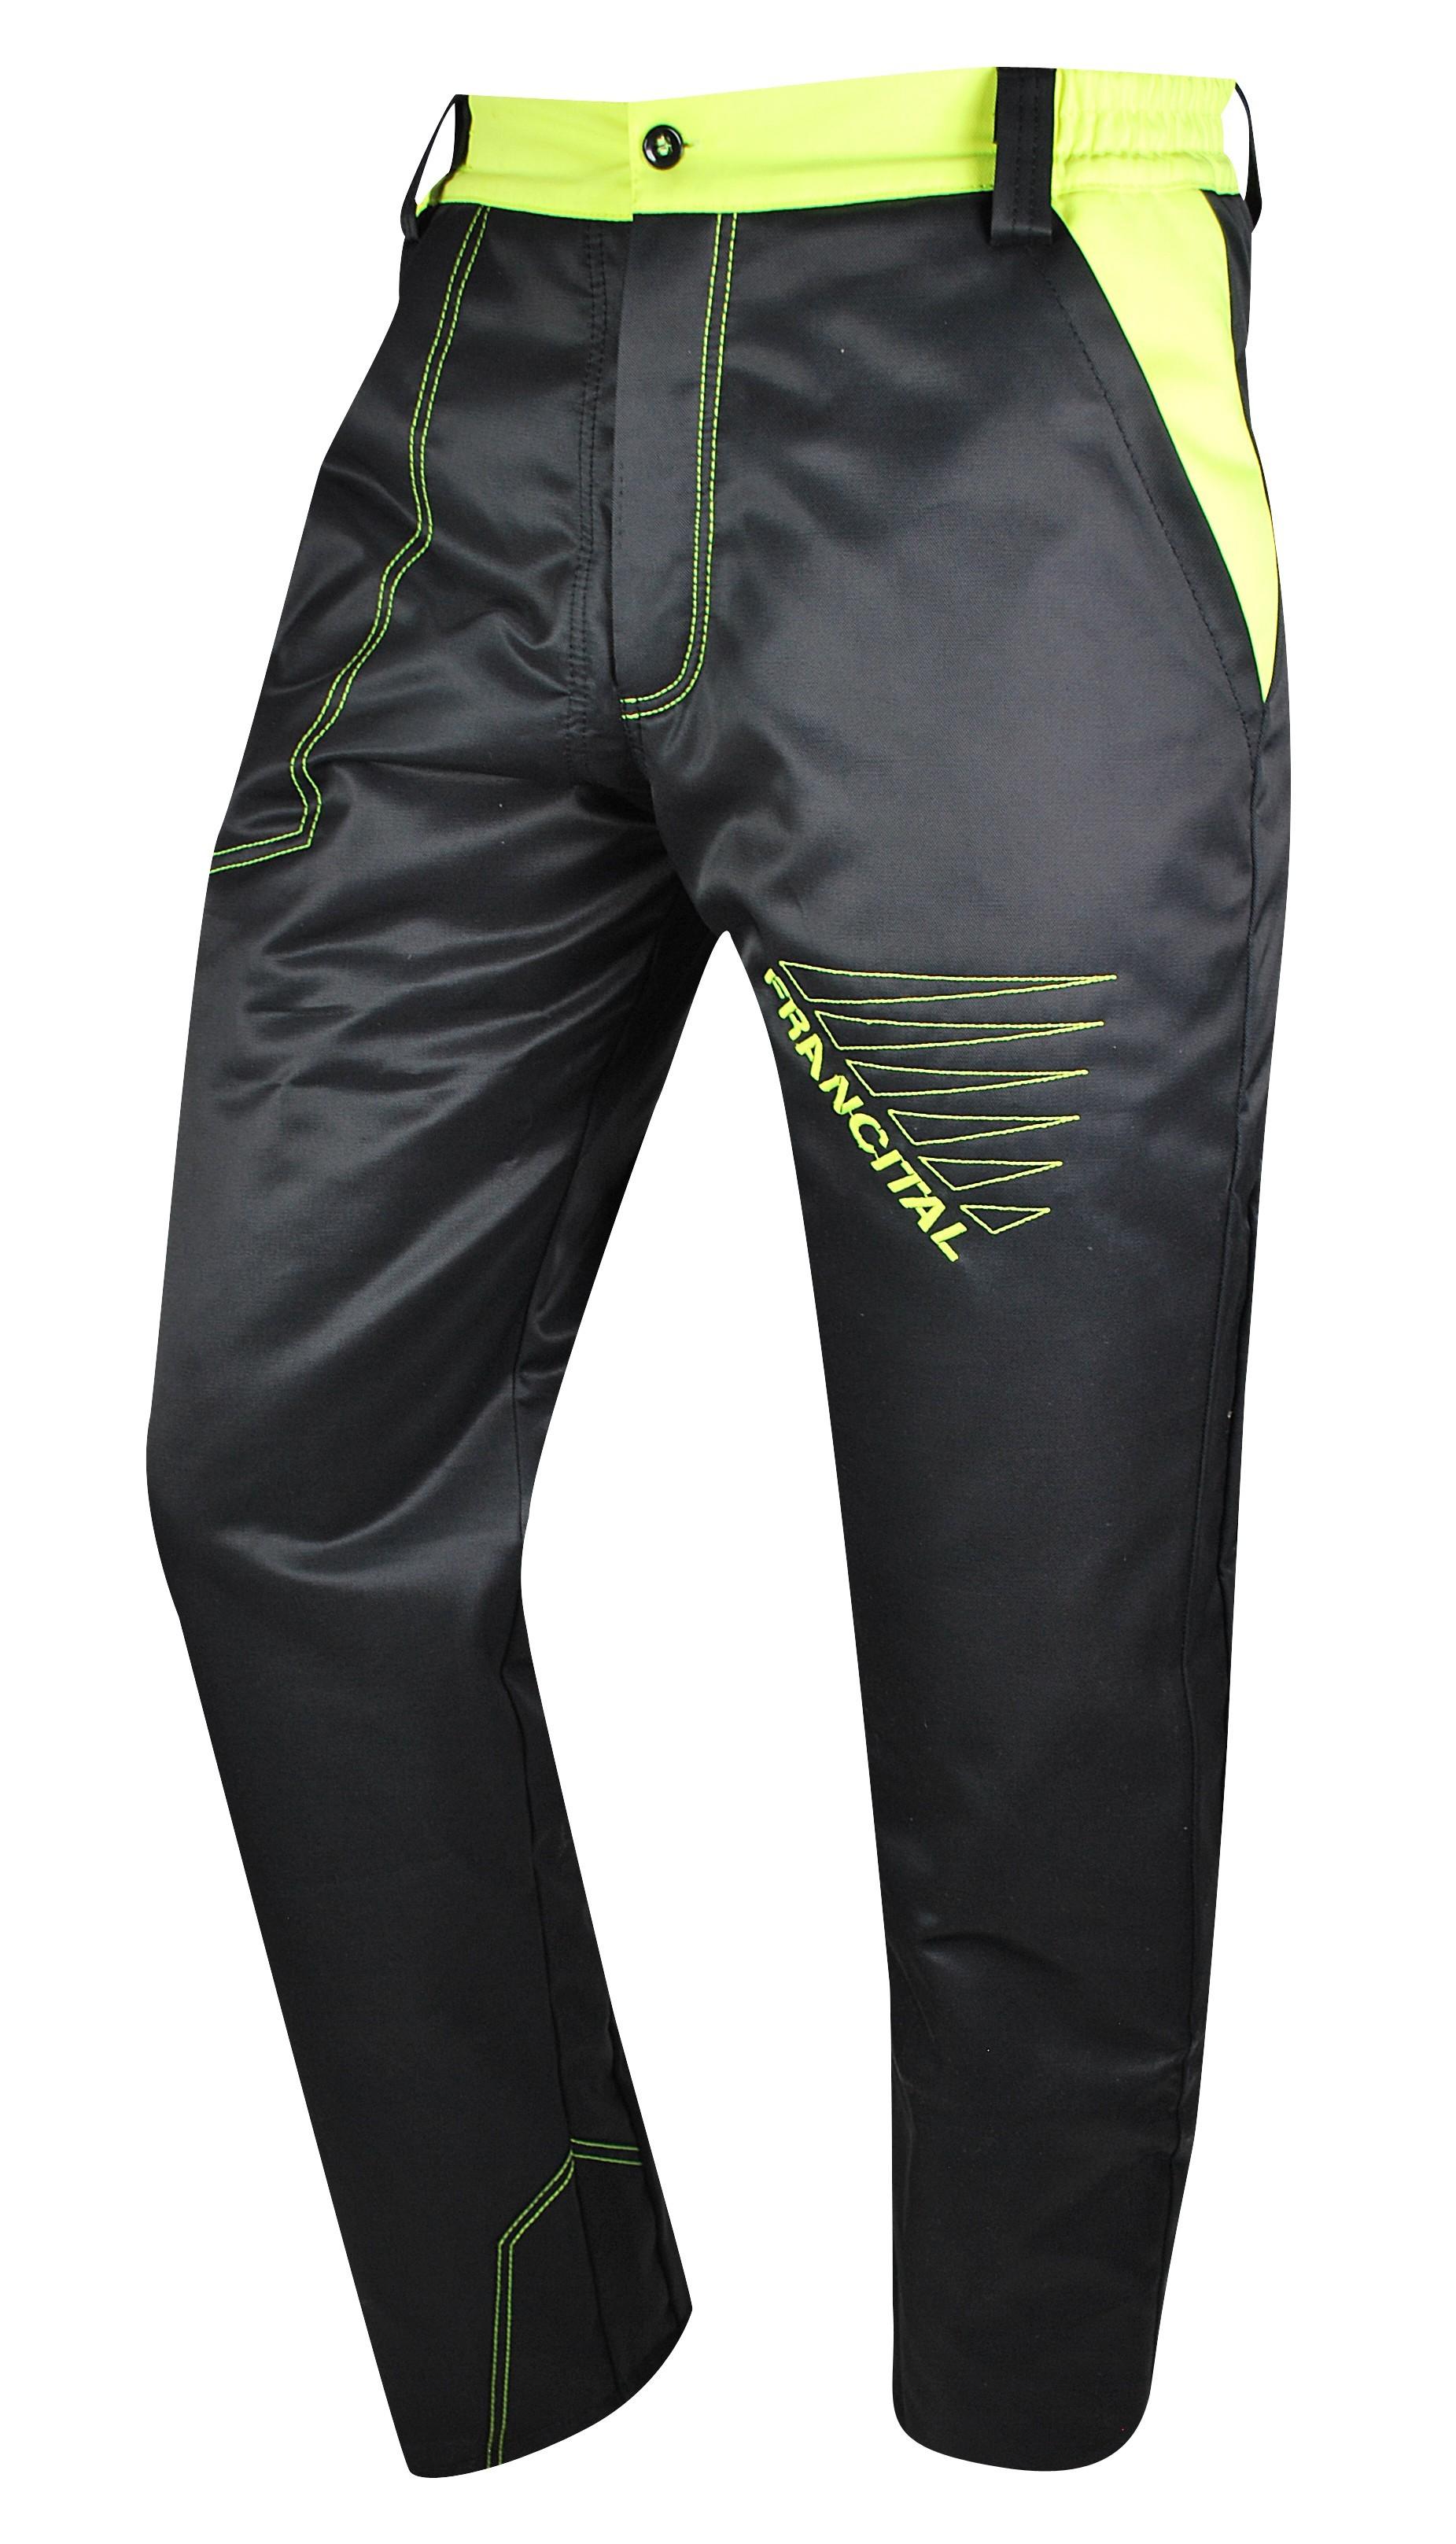 Pantalon forestier anti-coupure Prior Francital 8 couches de protection 0307794300d